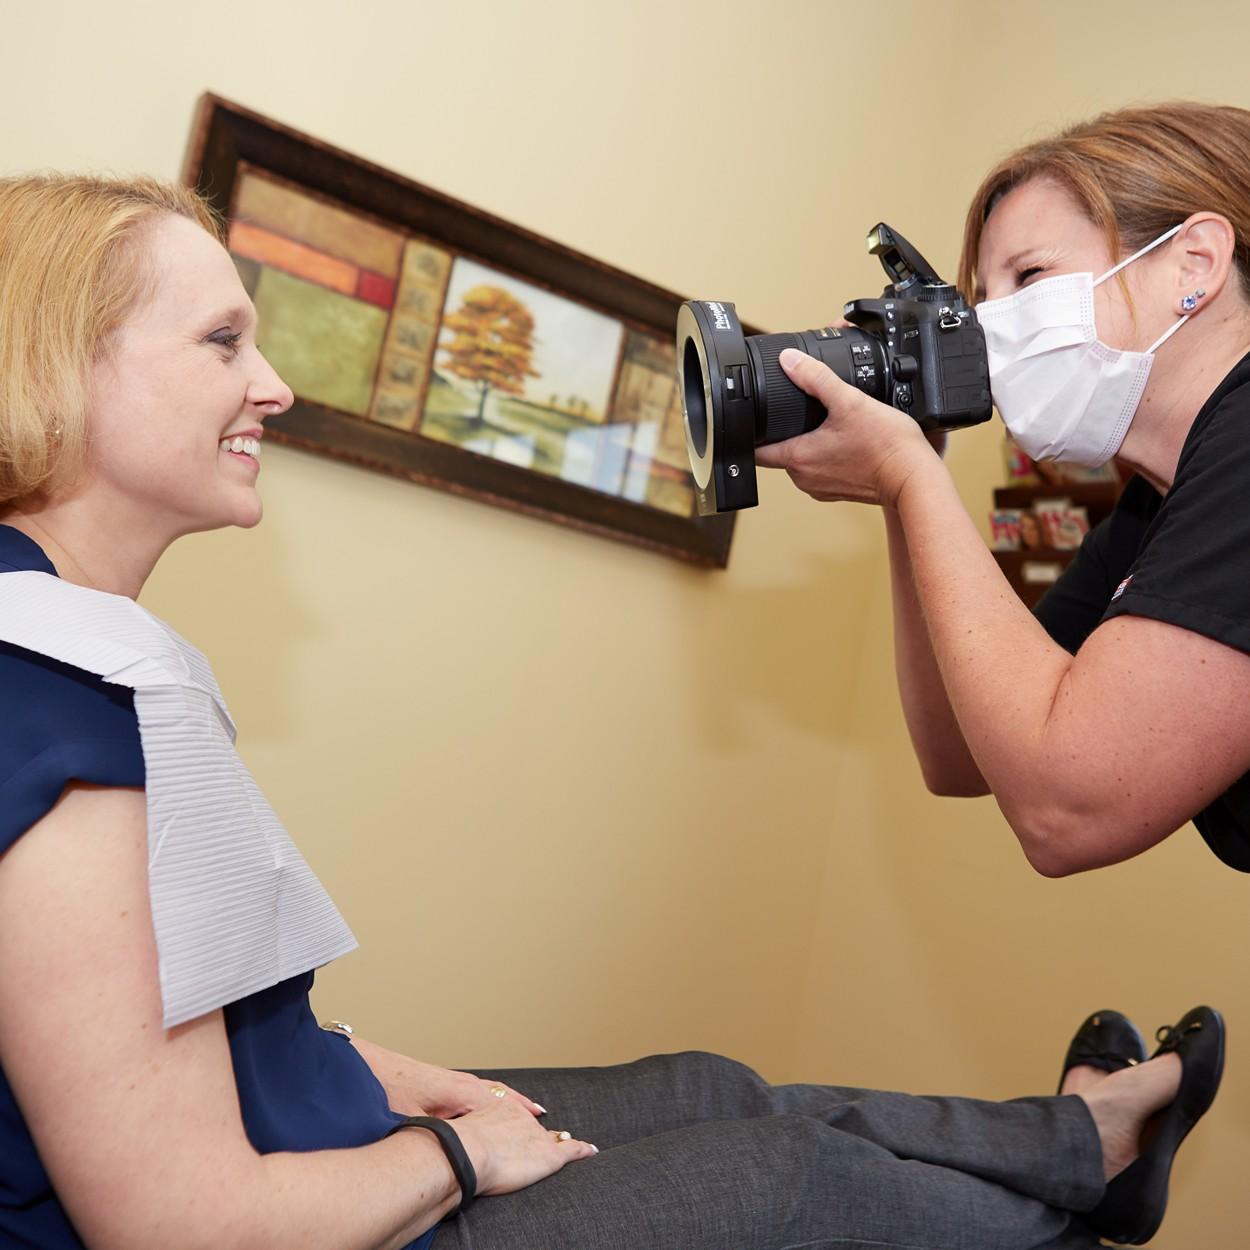 Dentist Office Grandville MI 49418 - KleinDentistry.com